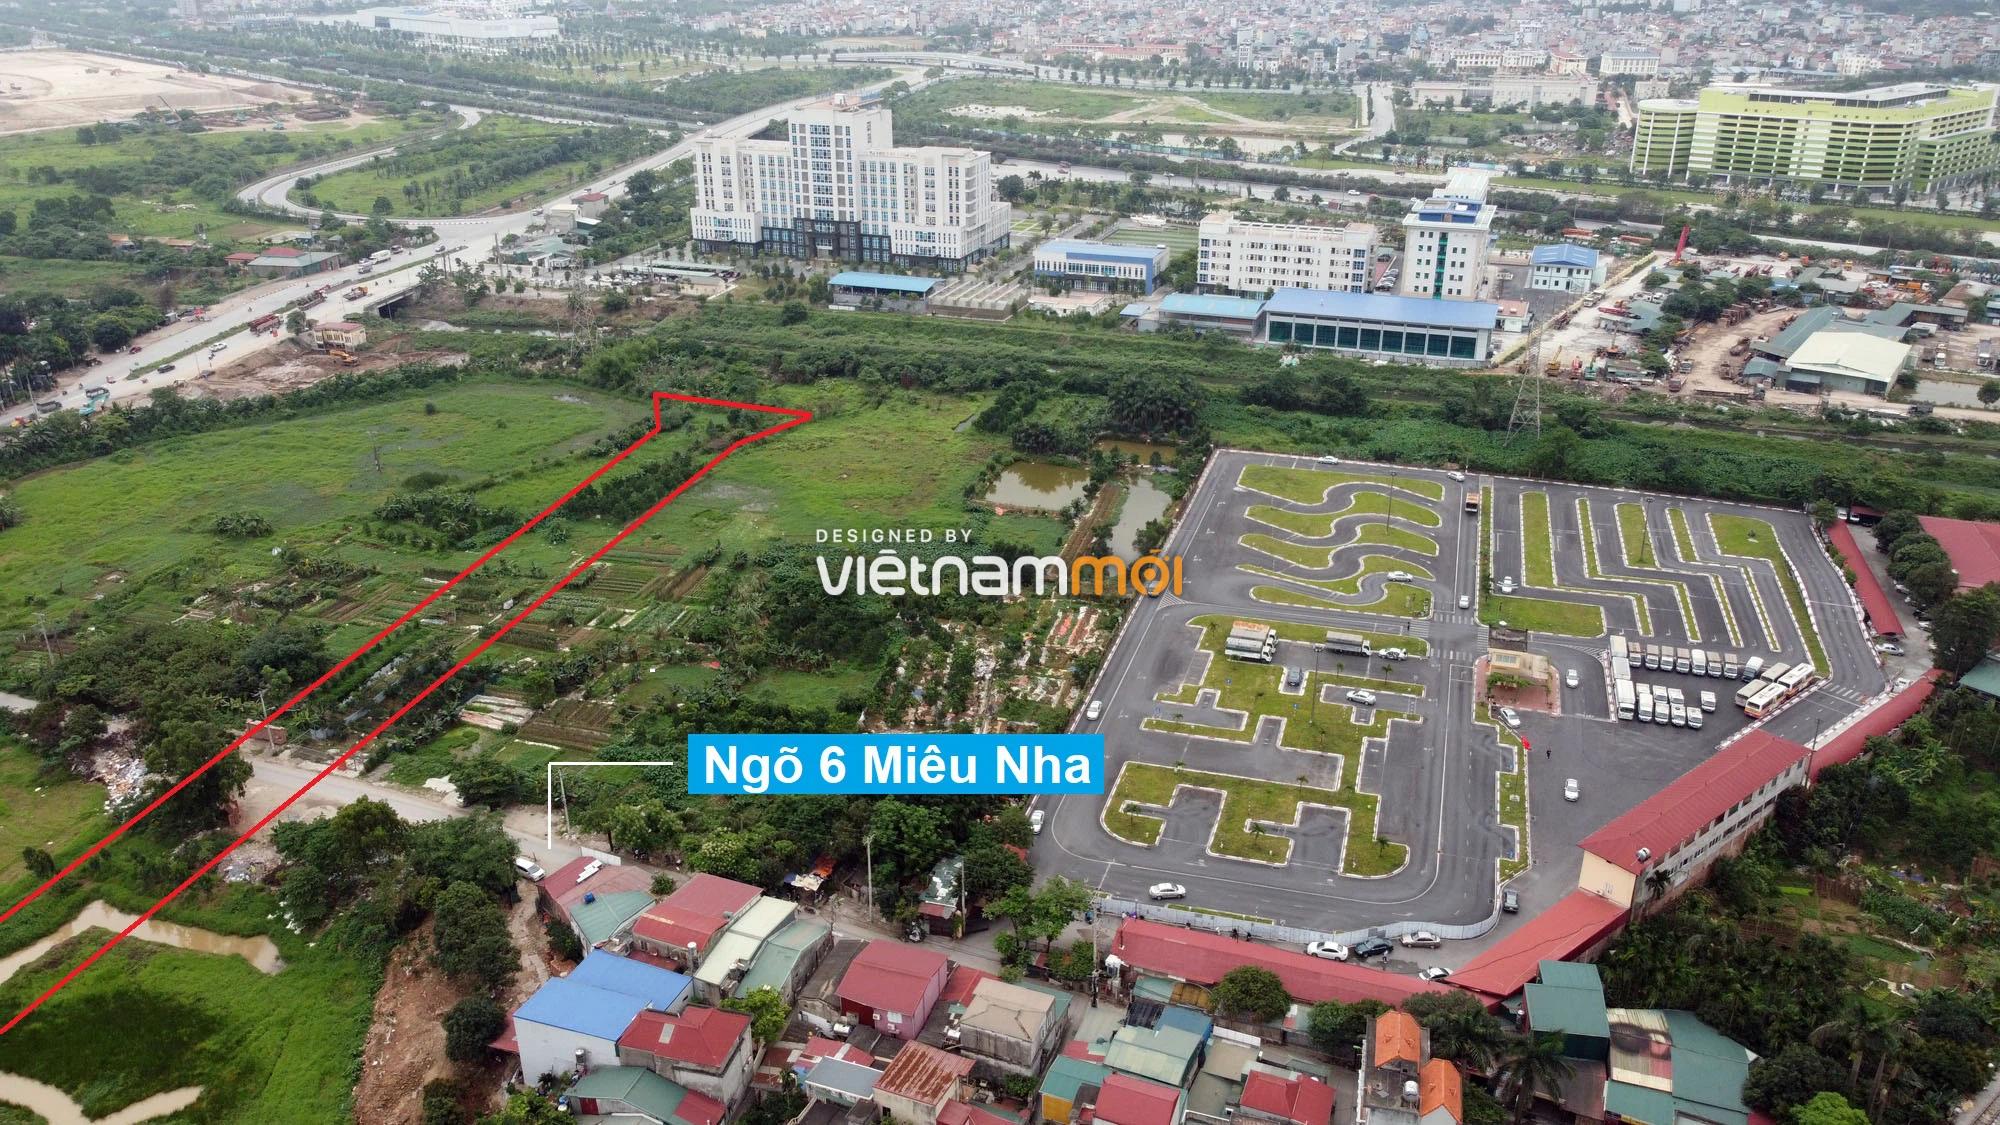 Những khu đất sắp thu hồi để mở đường ở phường Tây Mỗ, Nam Từ Liêm, Hà Nội (phần 4) - Ảnh 15.